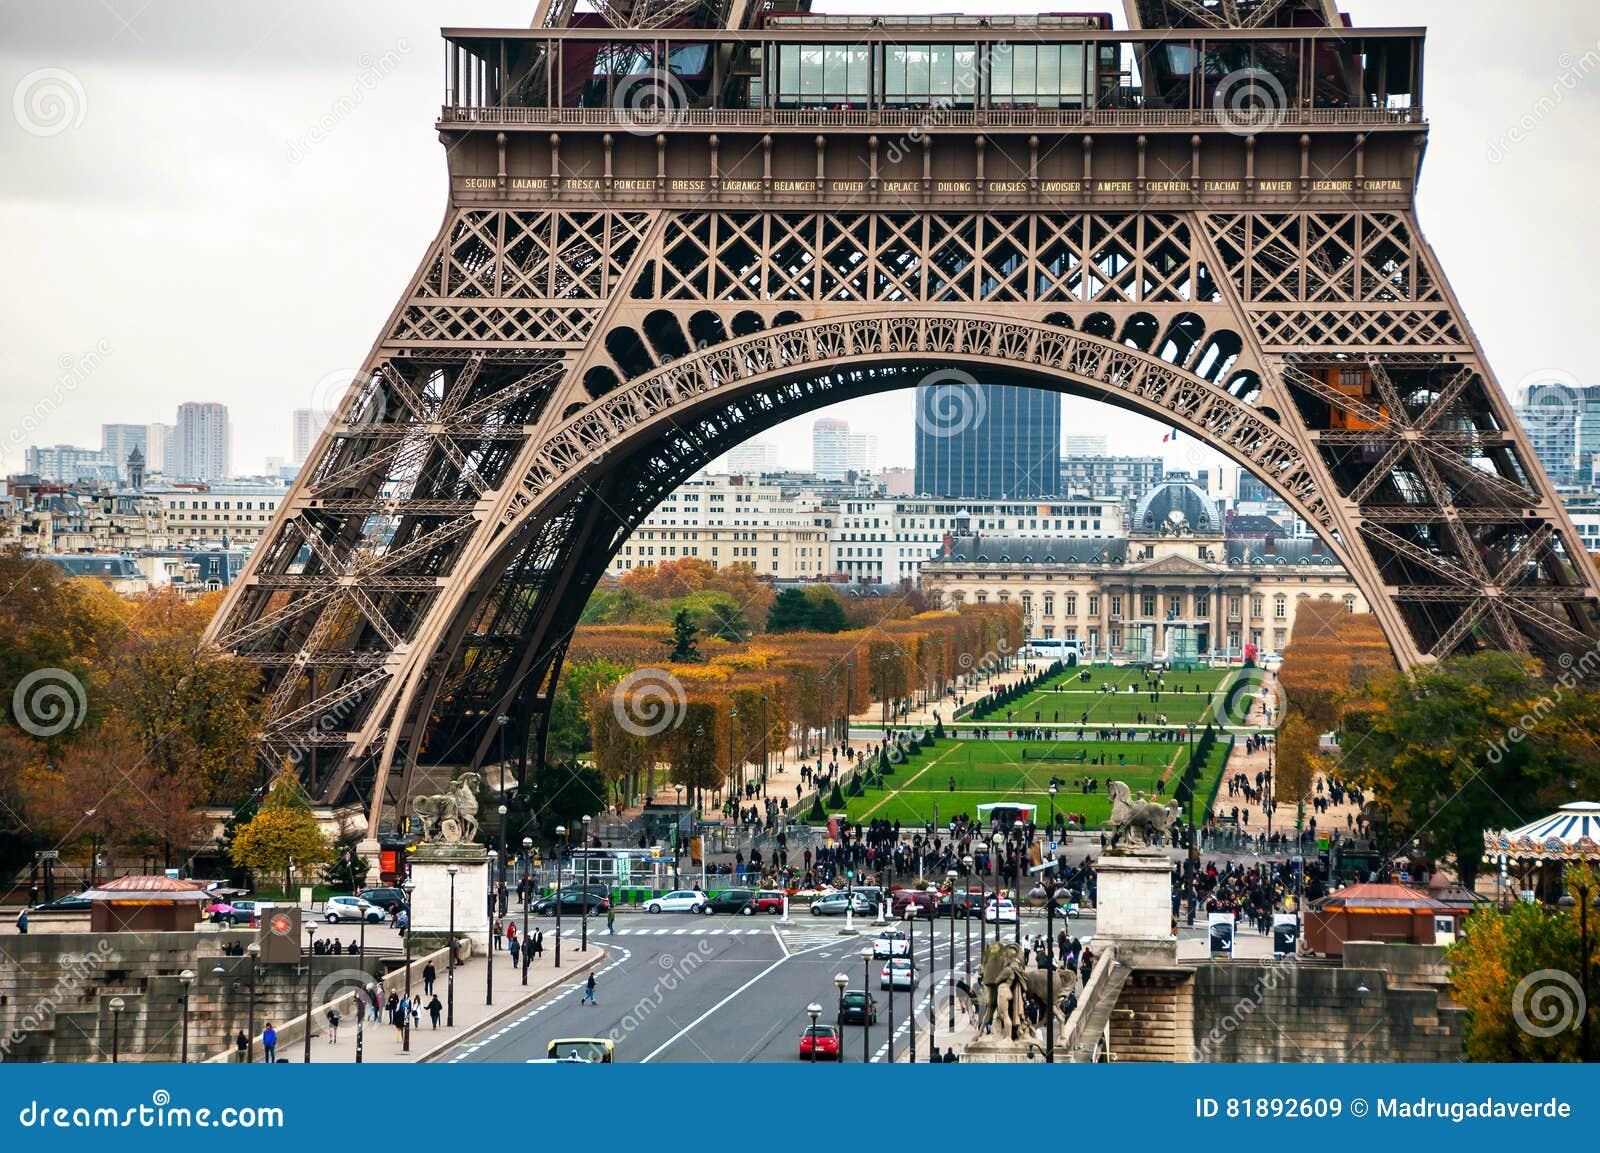 Beroemde Mensen In Parijs.Parijs Frankrijk Dichte Mening Van De Beroemde Toren En Het